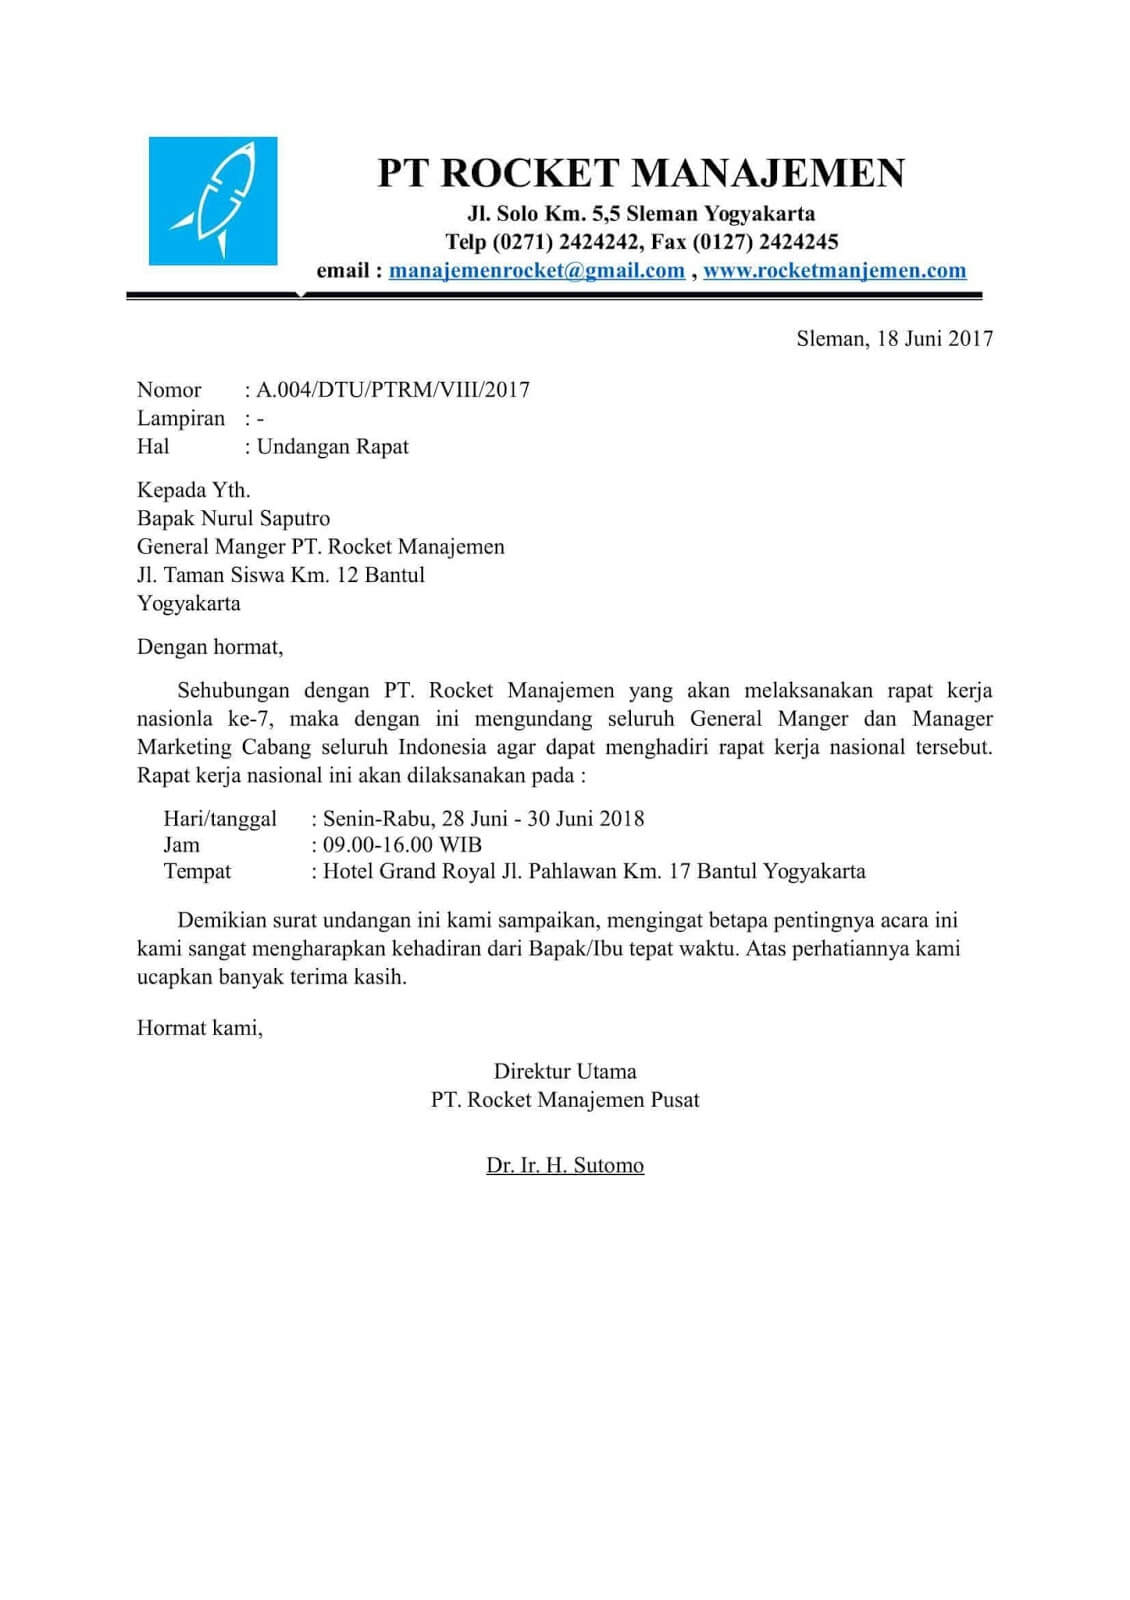 contoh surat undangan menghadiri acara